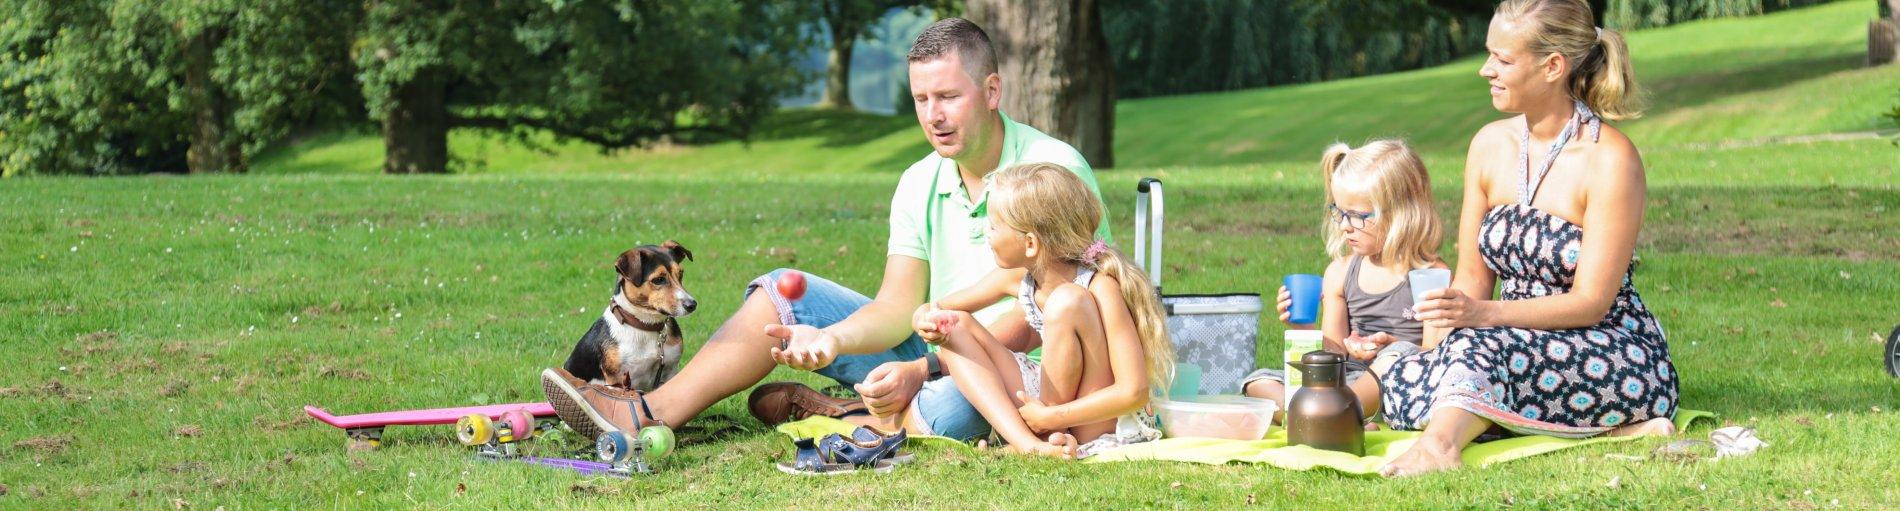 Eine vierköpfige Familie sitzt auf einer Picknickdecke im Park, einkleiner Hund schaut zu